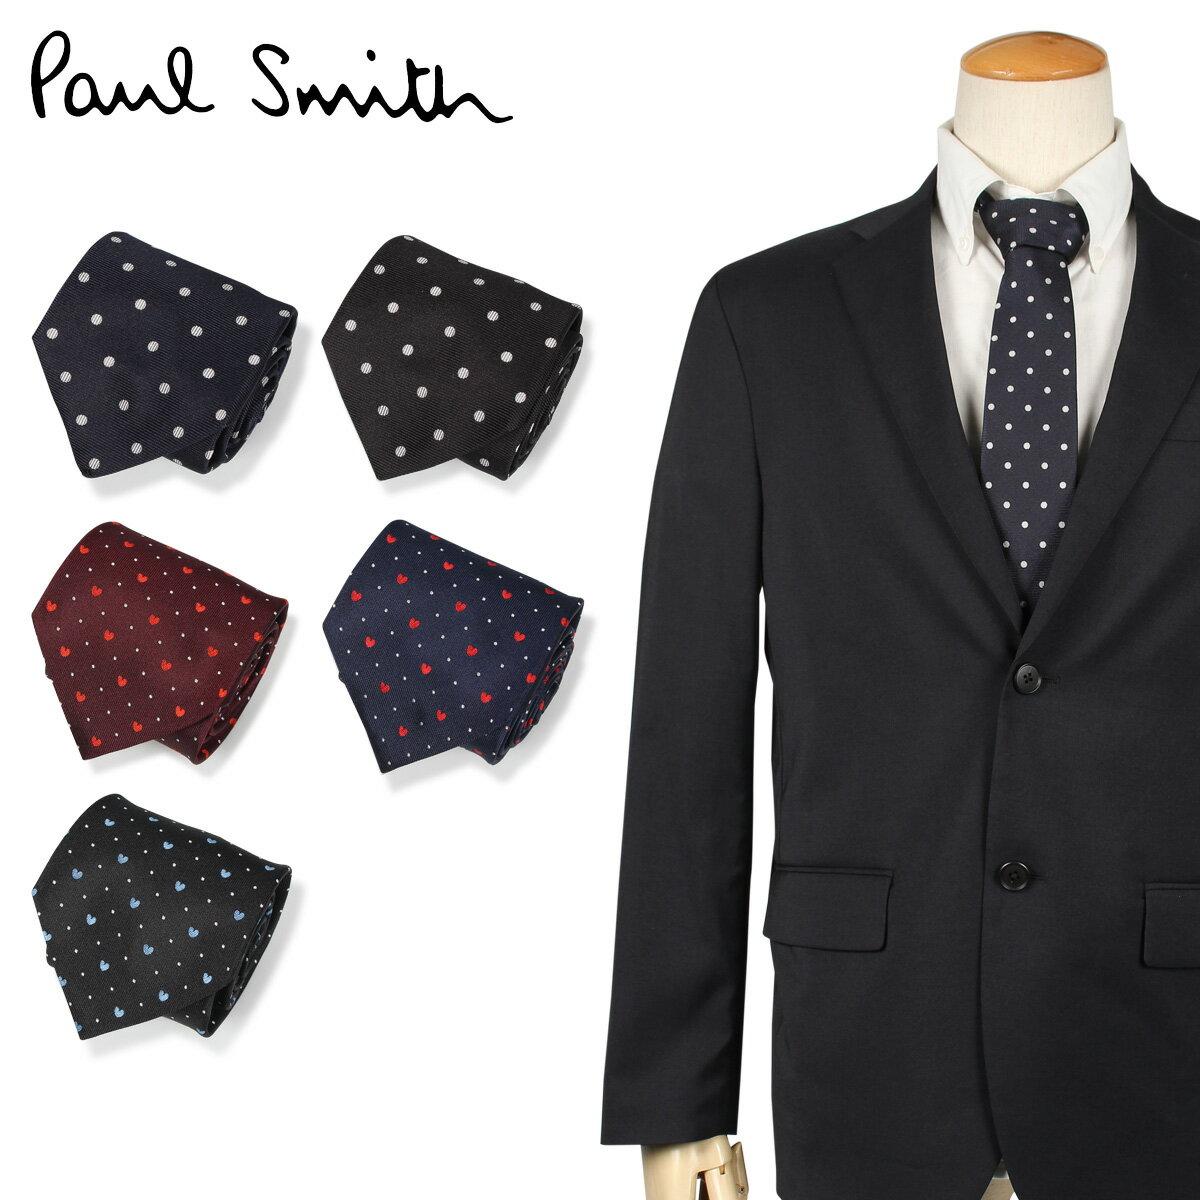 スーツ用ファッション小物, ネクタイ 2000OFF Paul Smith